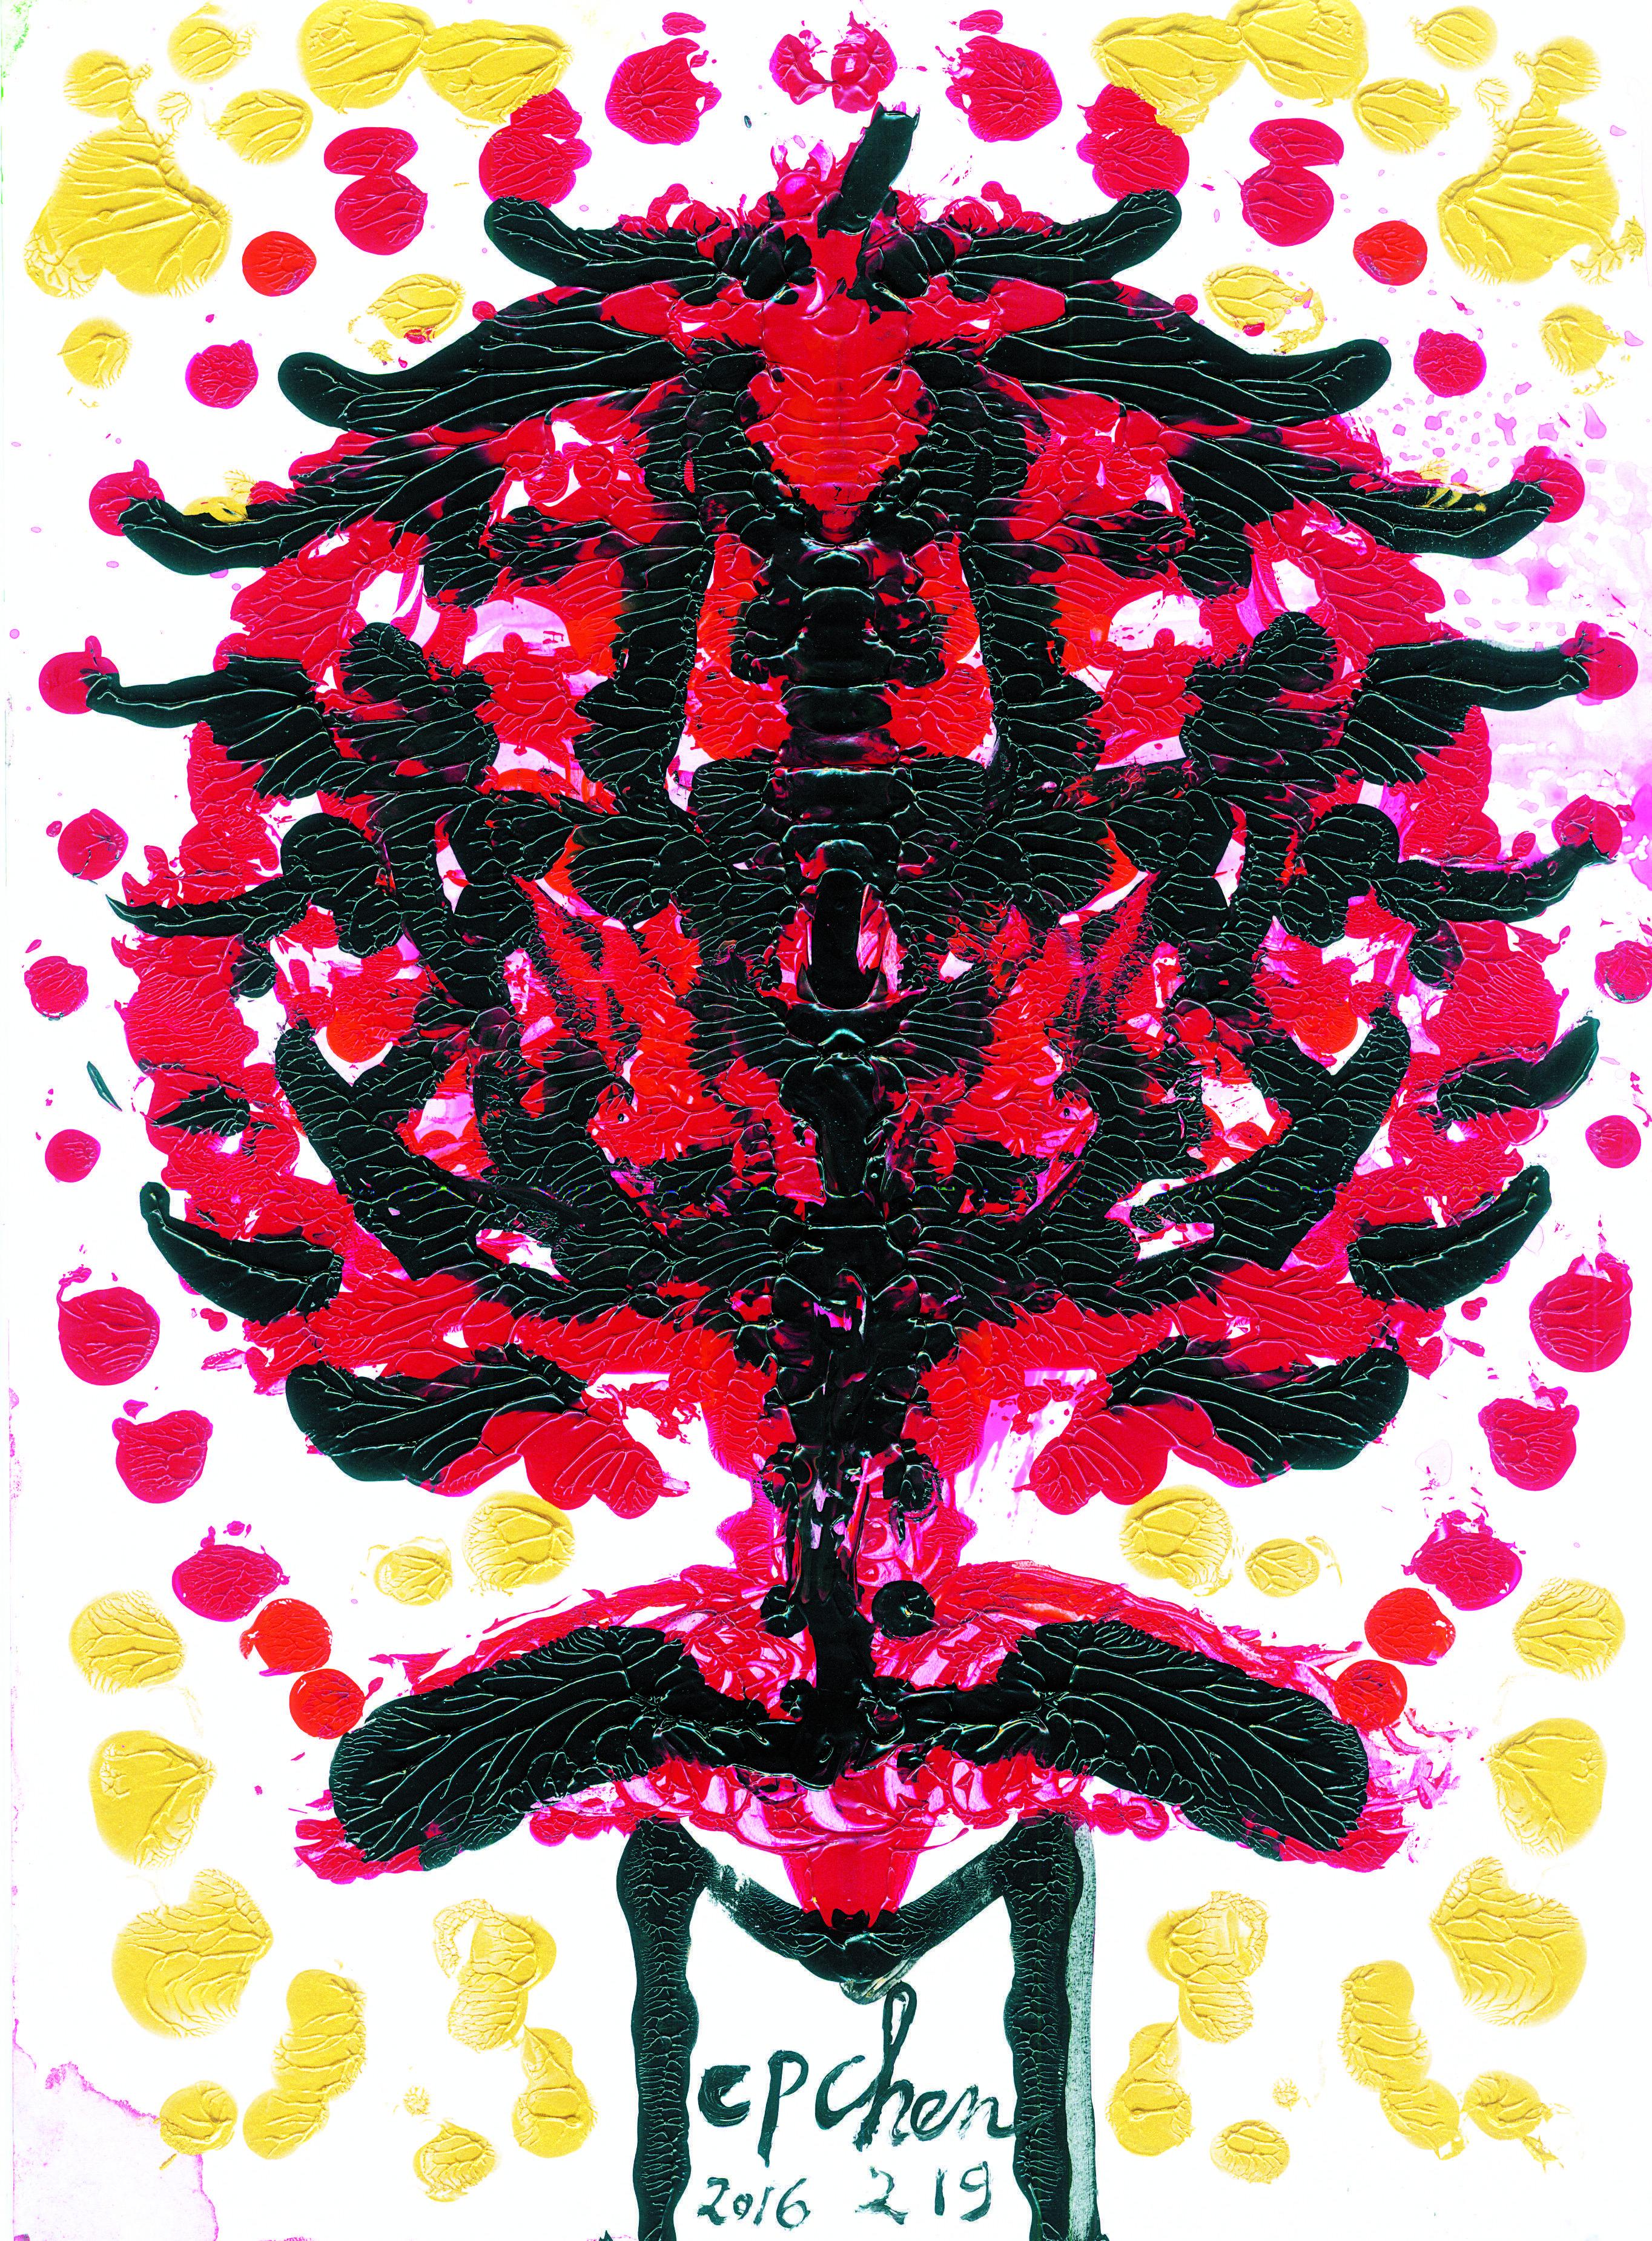 【寧為燒盡,不願銹壞(馬偕博士)】25.5x35cm / B4紙 / 壓克力顏料 /2016年